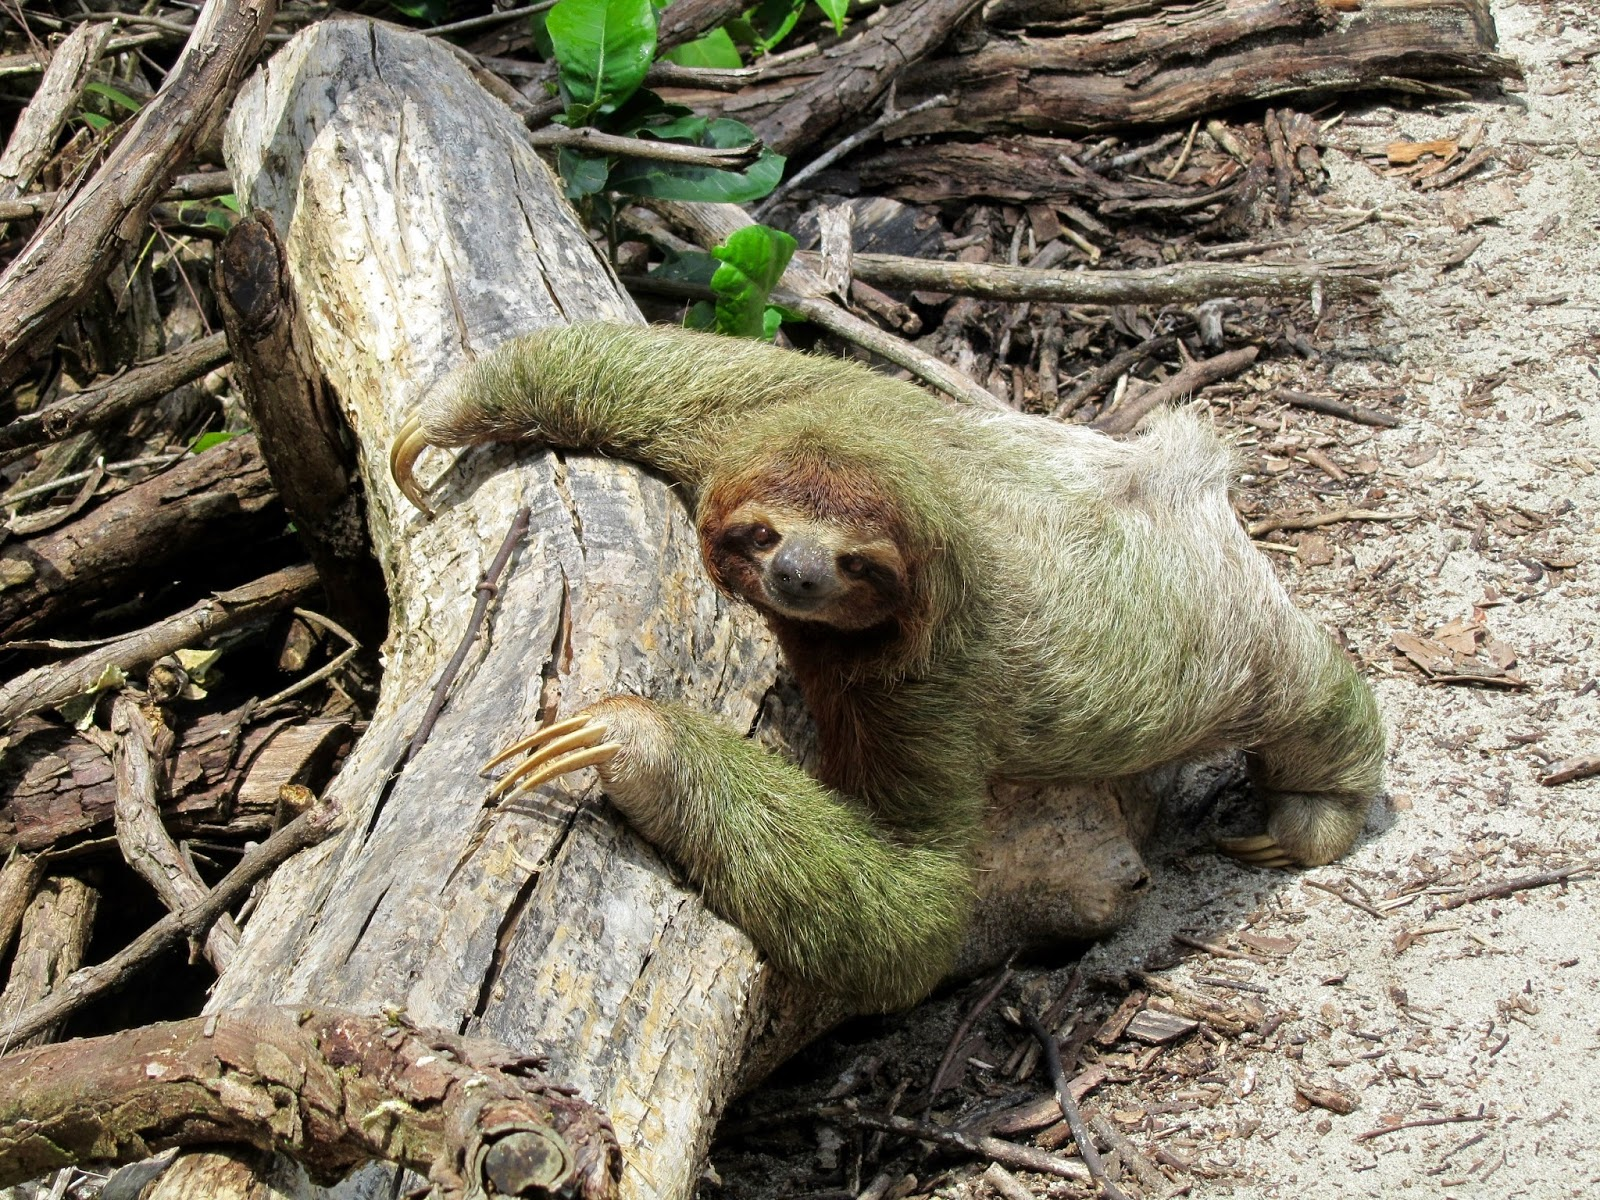 بالصور عجائب الحيوانات , اغرب الحيوانات اللى ممكن تشوفها فى حياتك 476 4